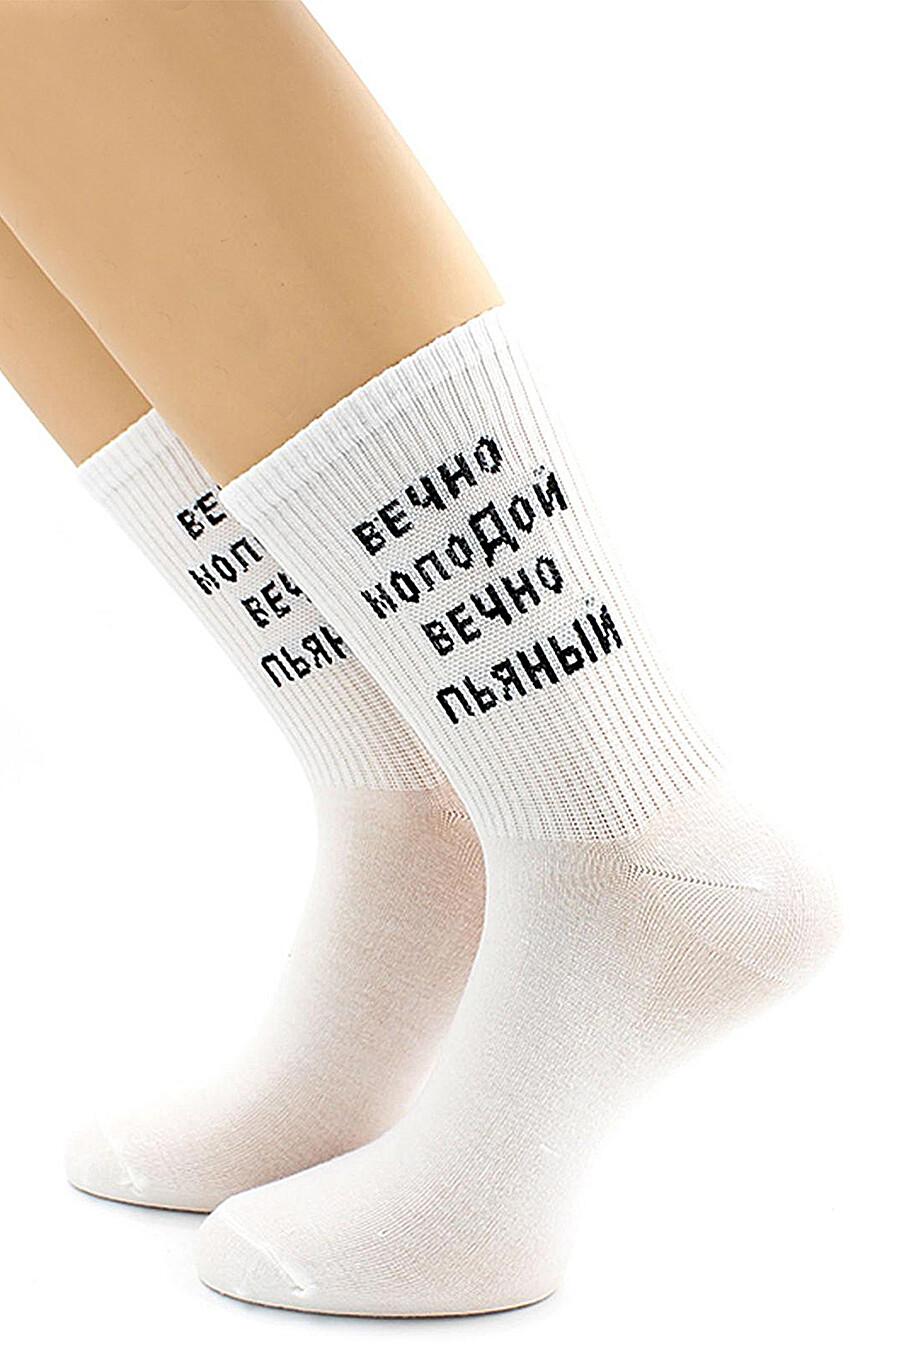 Носки для женщин HOBBY LINE 176123 купить оптом от производителя. Совместная покупка женской одежды в OptMoyo